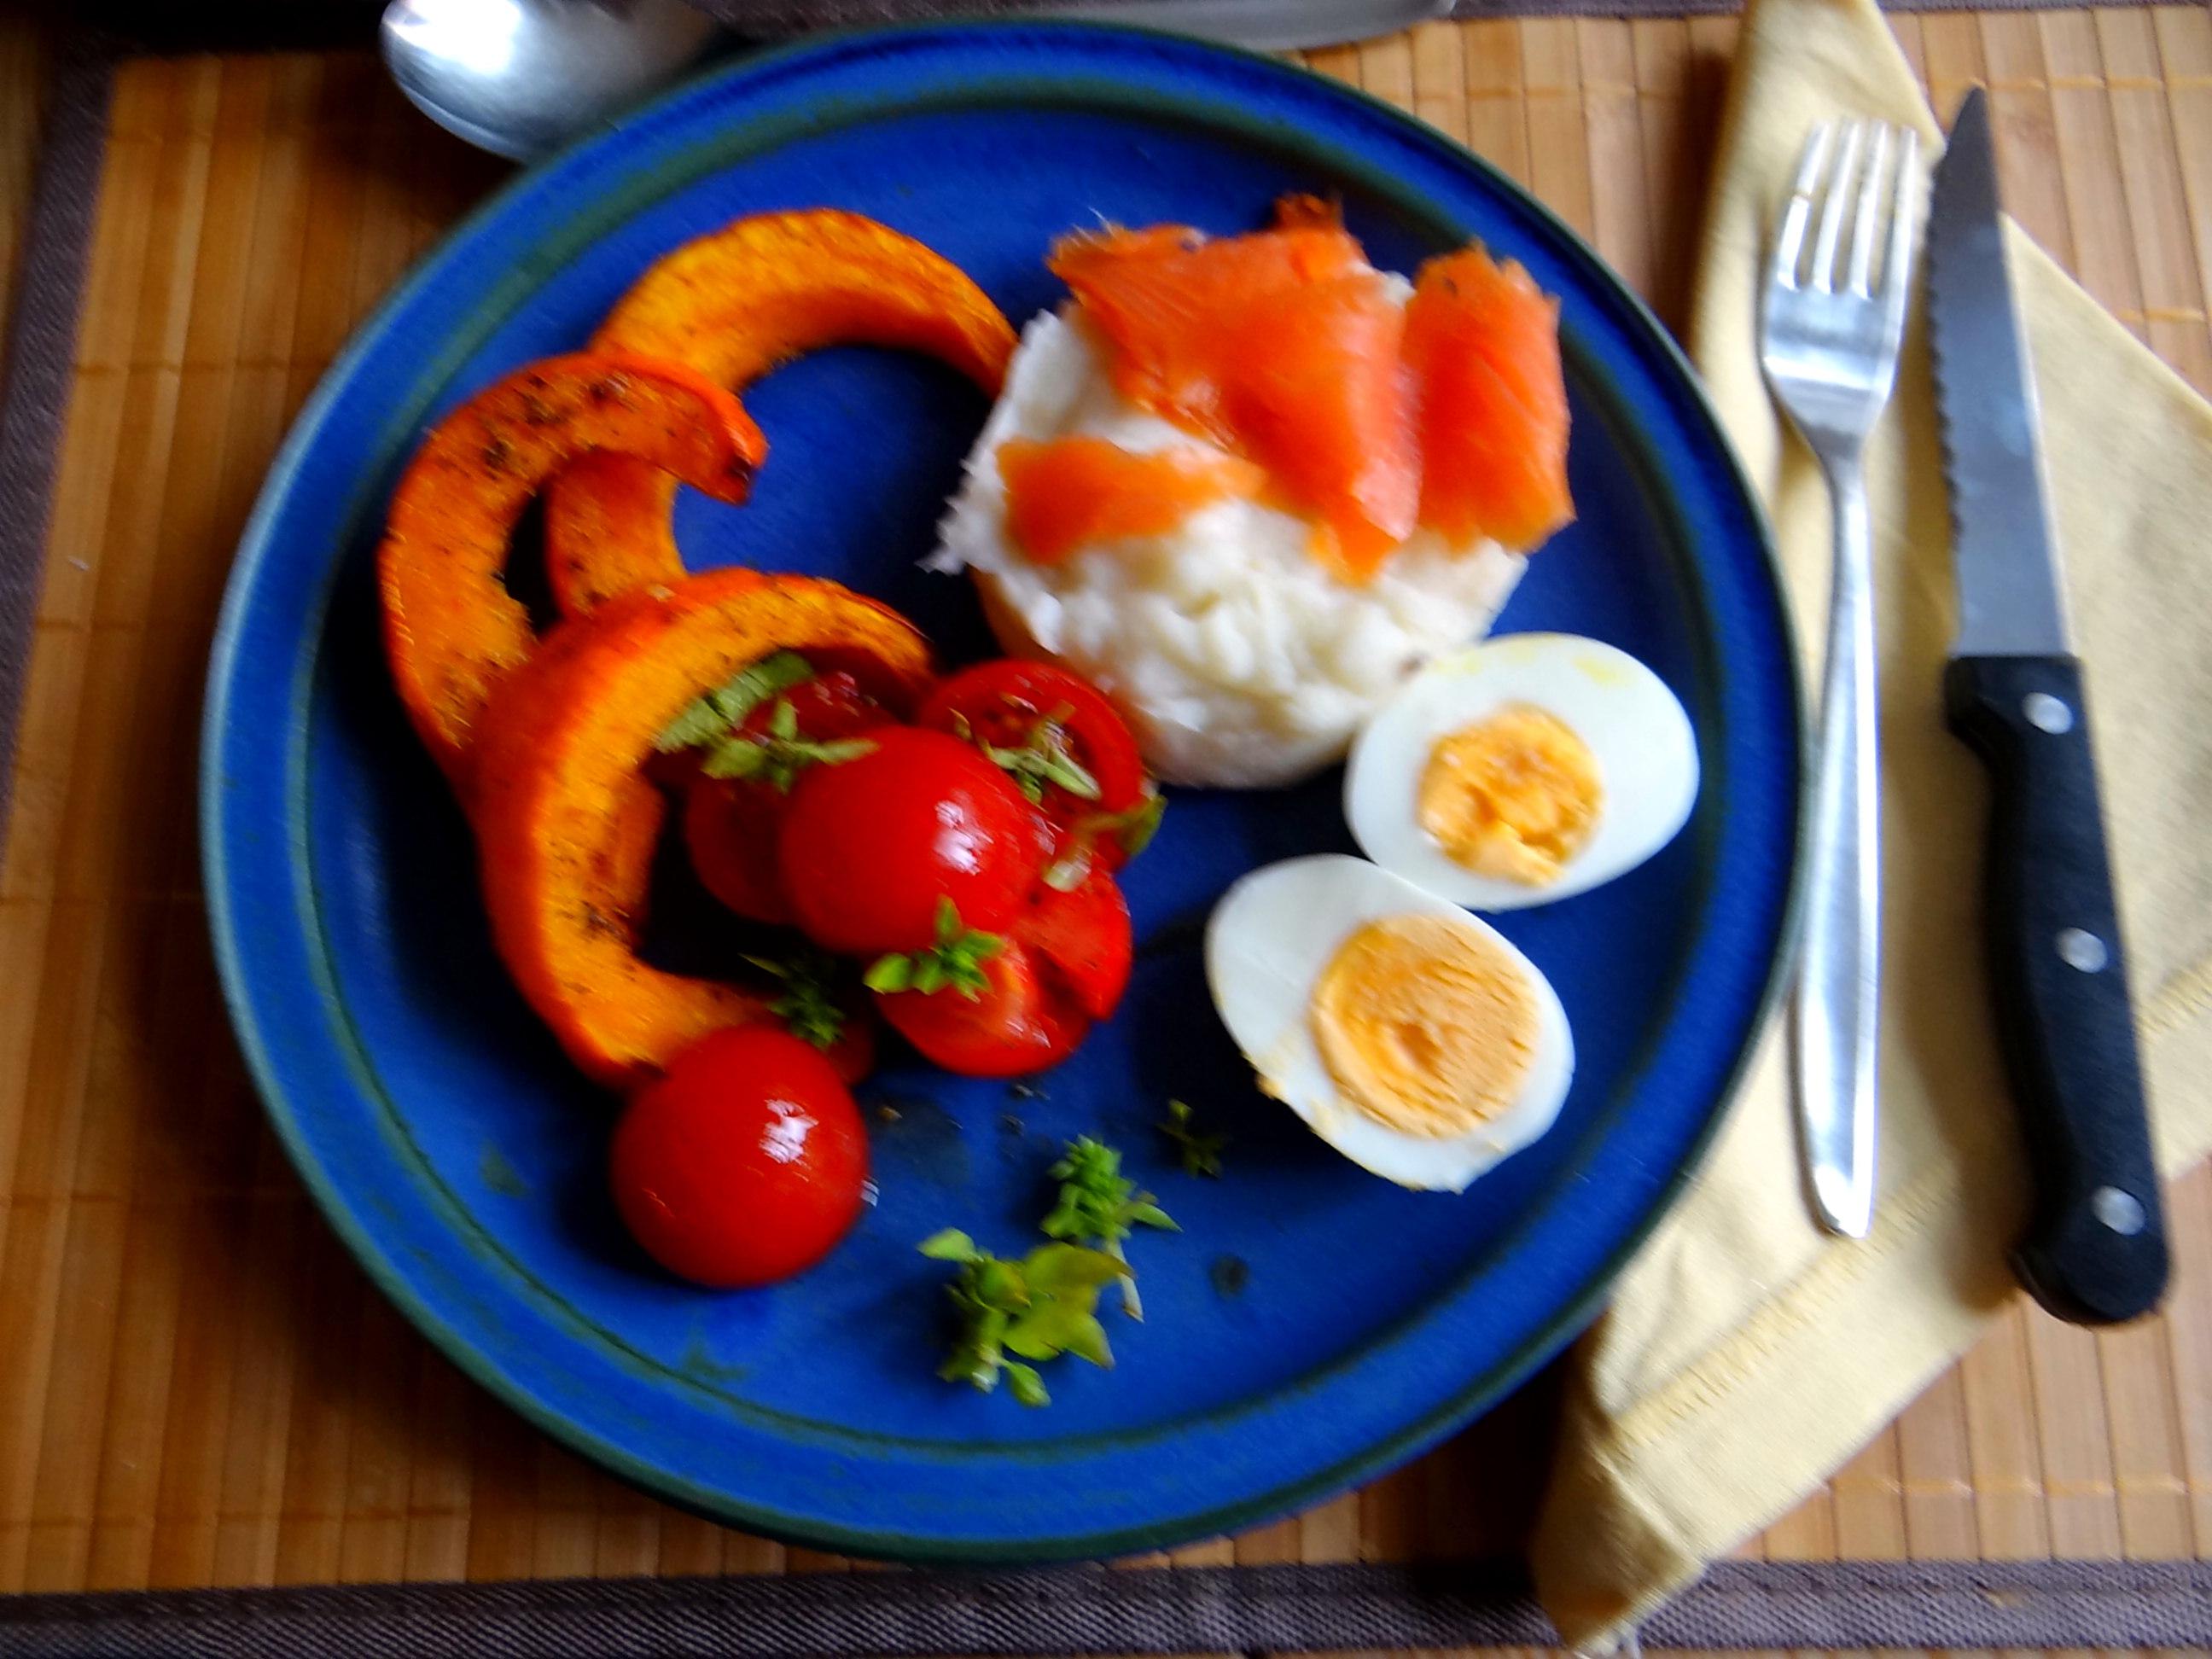 Maniok,Kürbisspalten,Tomaten,Eier,geräucherte Lachsforelle,pescetarisch (14)